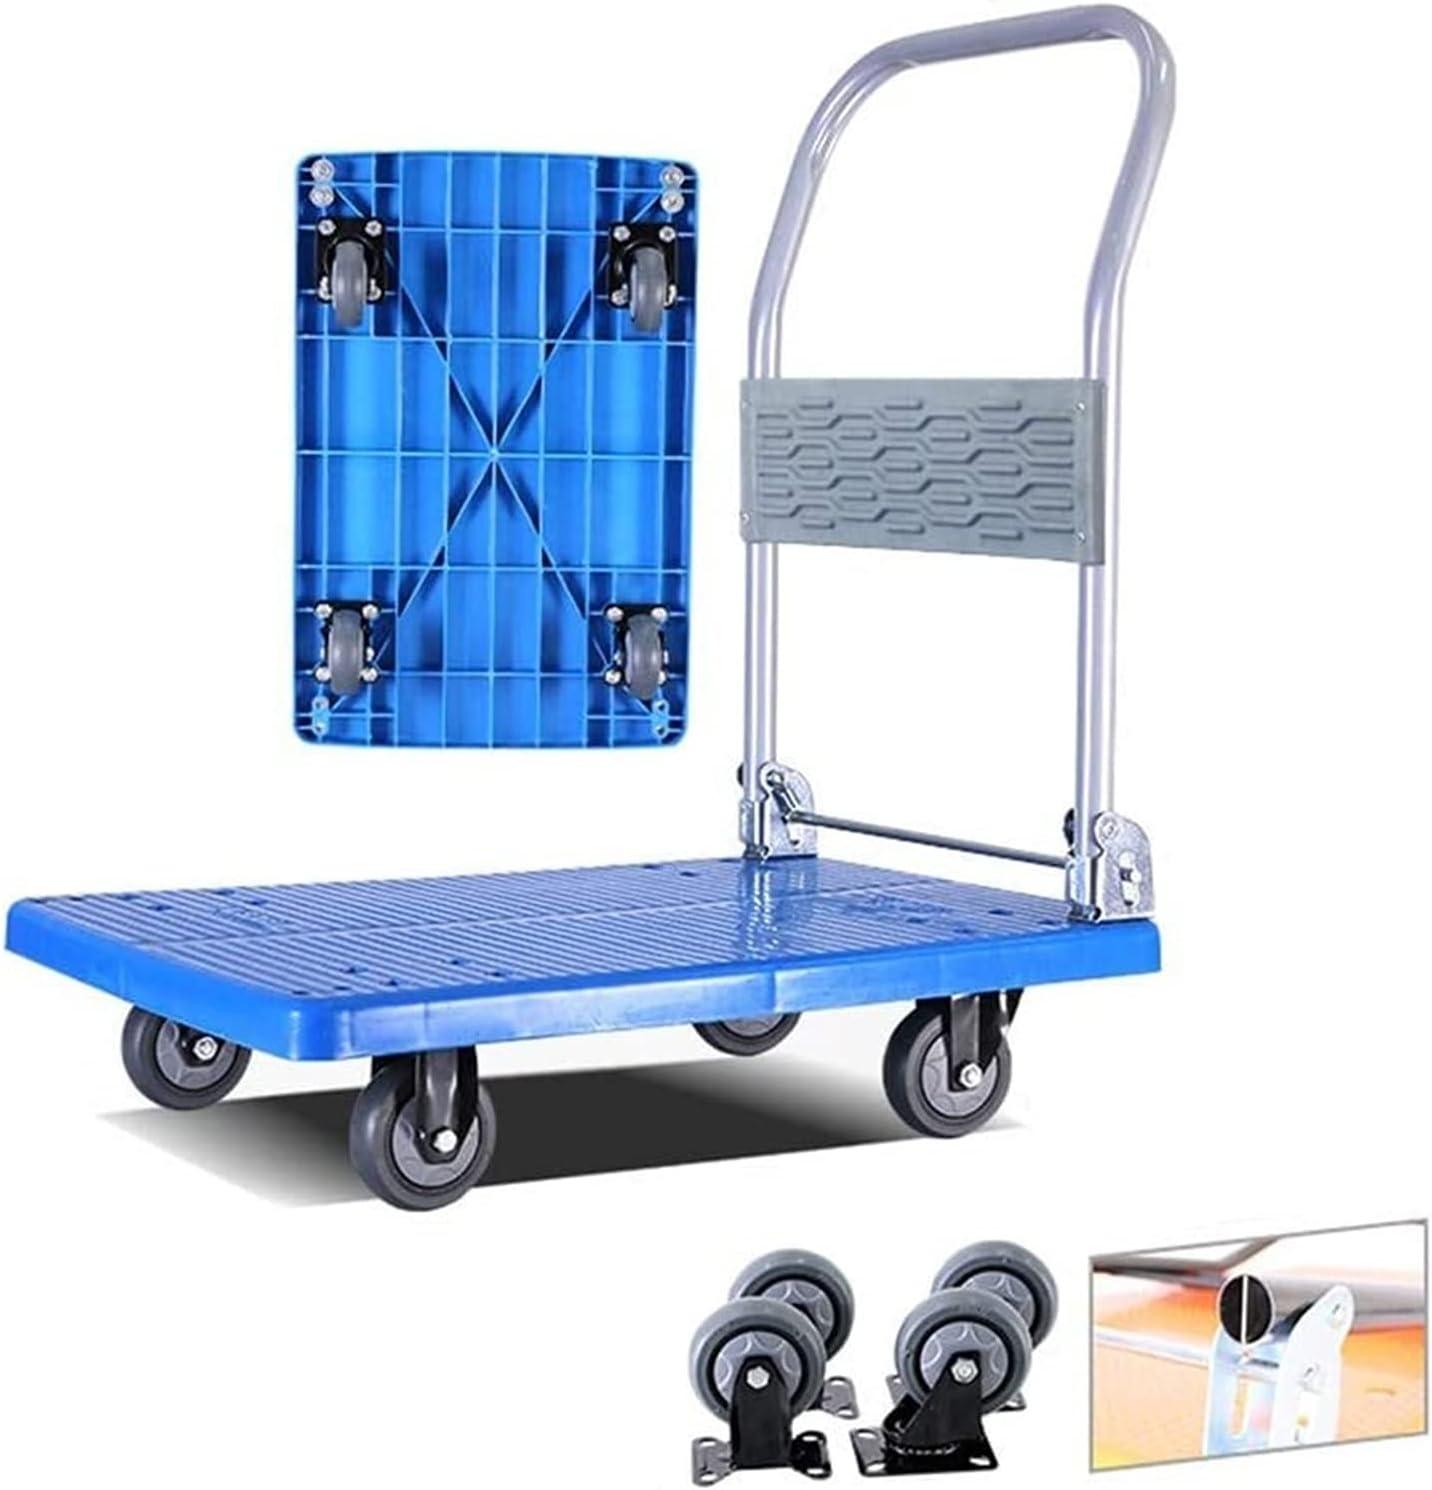 Shopping Ultra-Cheap Deals Popular brand in the world Trolleys Heavy Duty Truck Folding Platform Lightweight